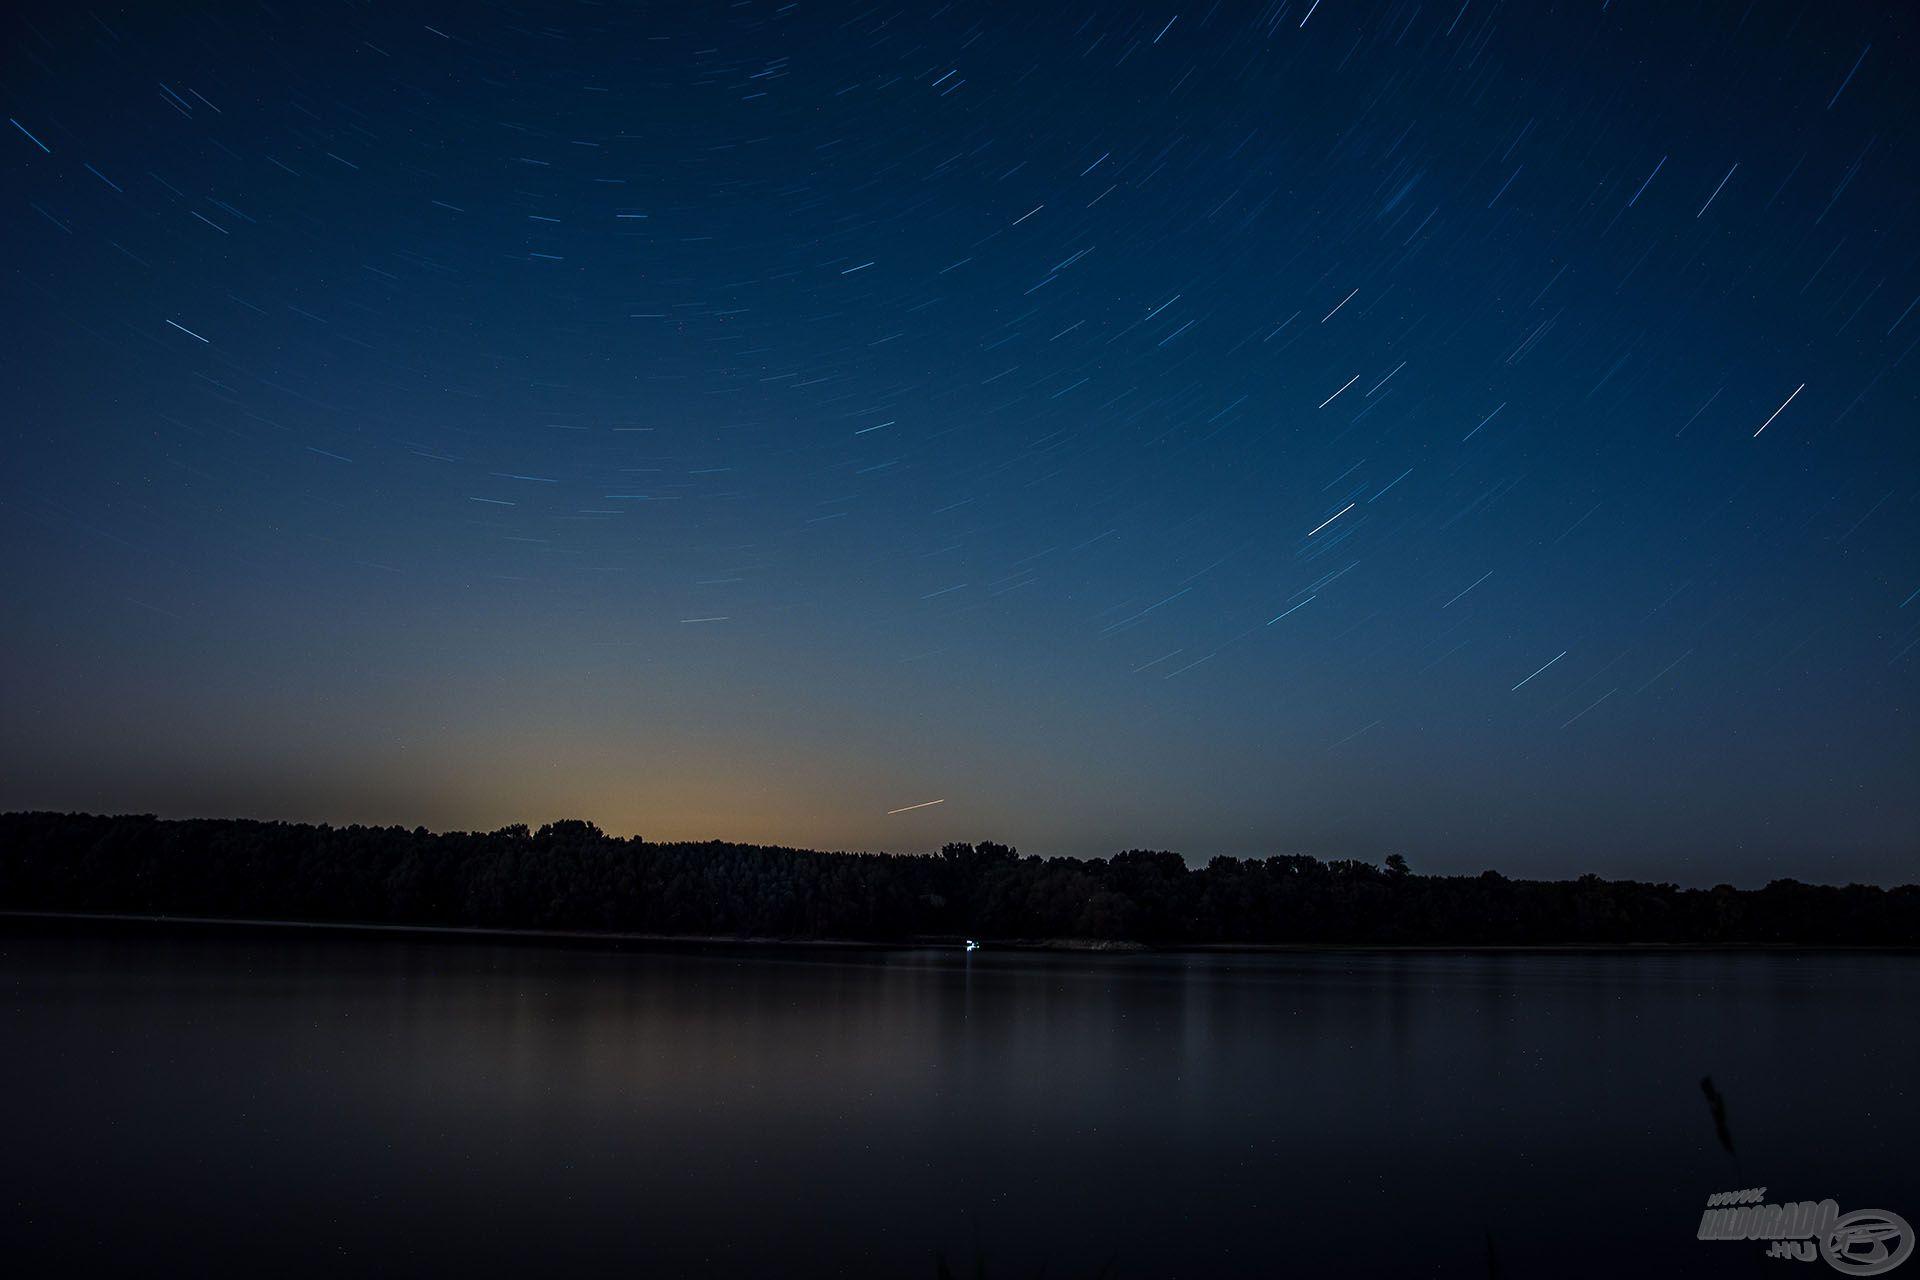 Az éjszakákat a szabad ég alatt töltöttük és a kristálytiszta égbolton a csillagokat csodáltuk